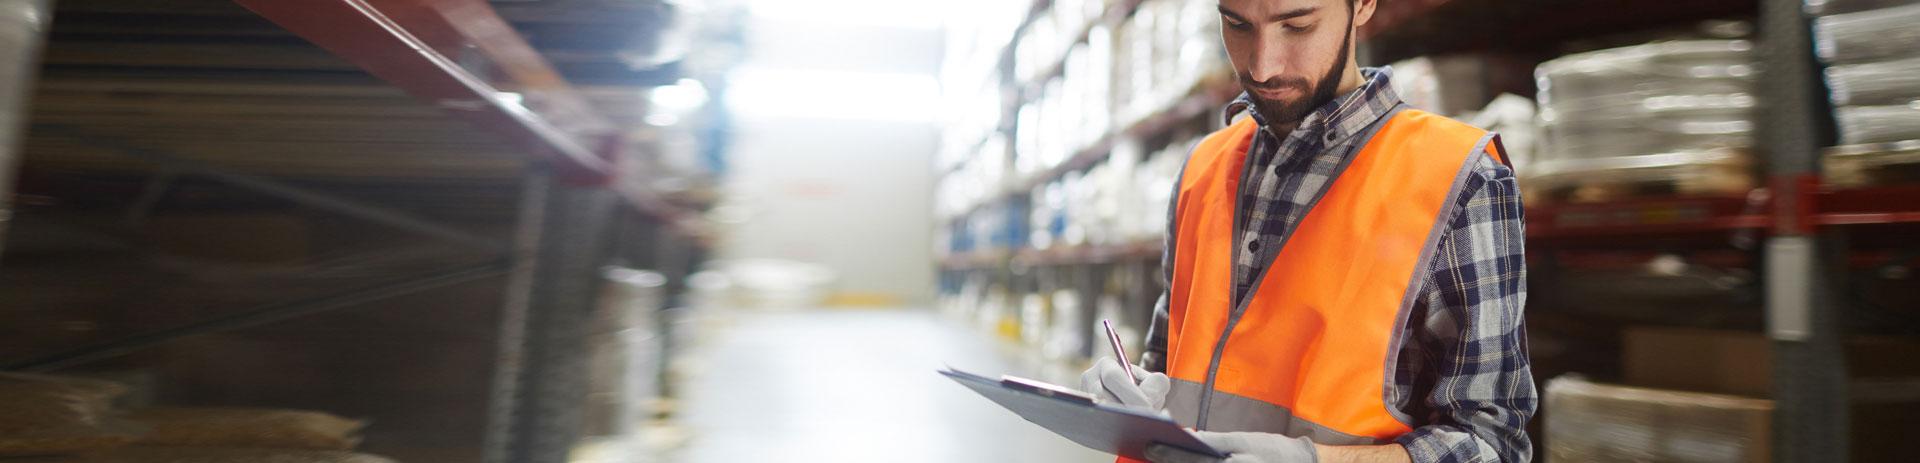 Mitarbeiter kontrolliert die Wareneingaenge, er ist perfekt organisiert und immer erreichbar durch die Kommunikationsloeasungen von A1.